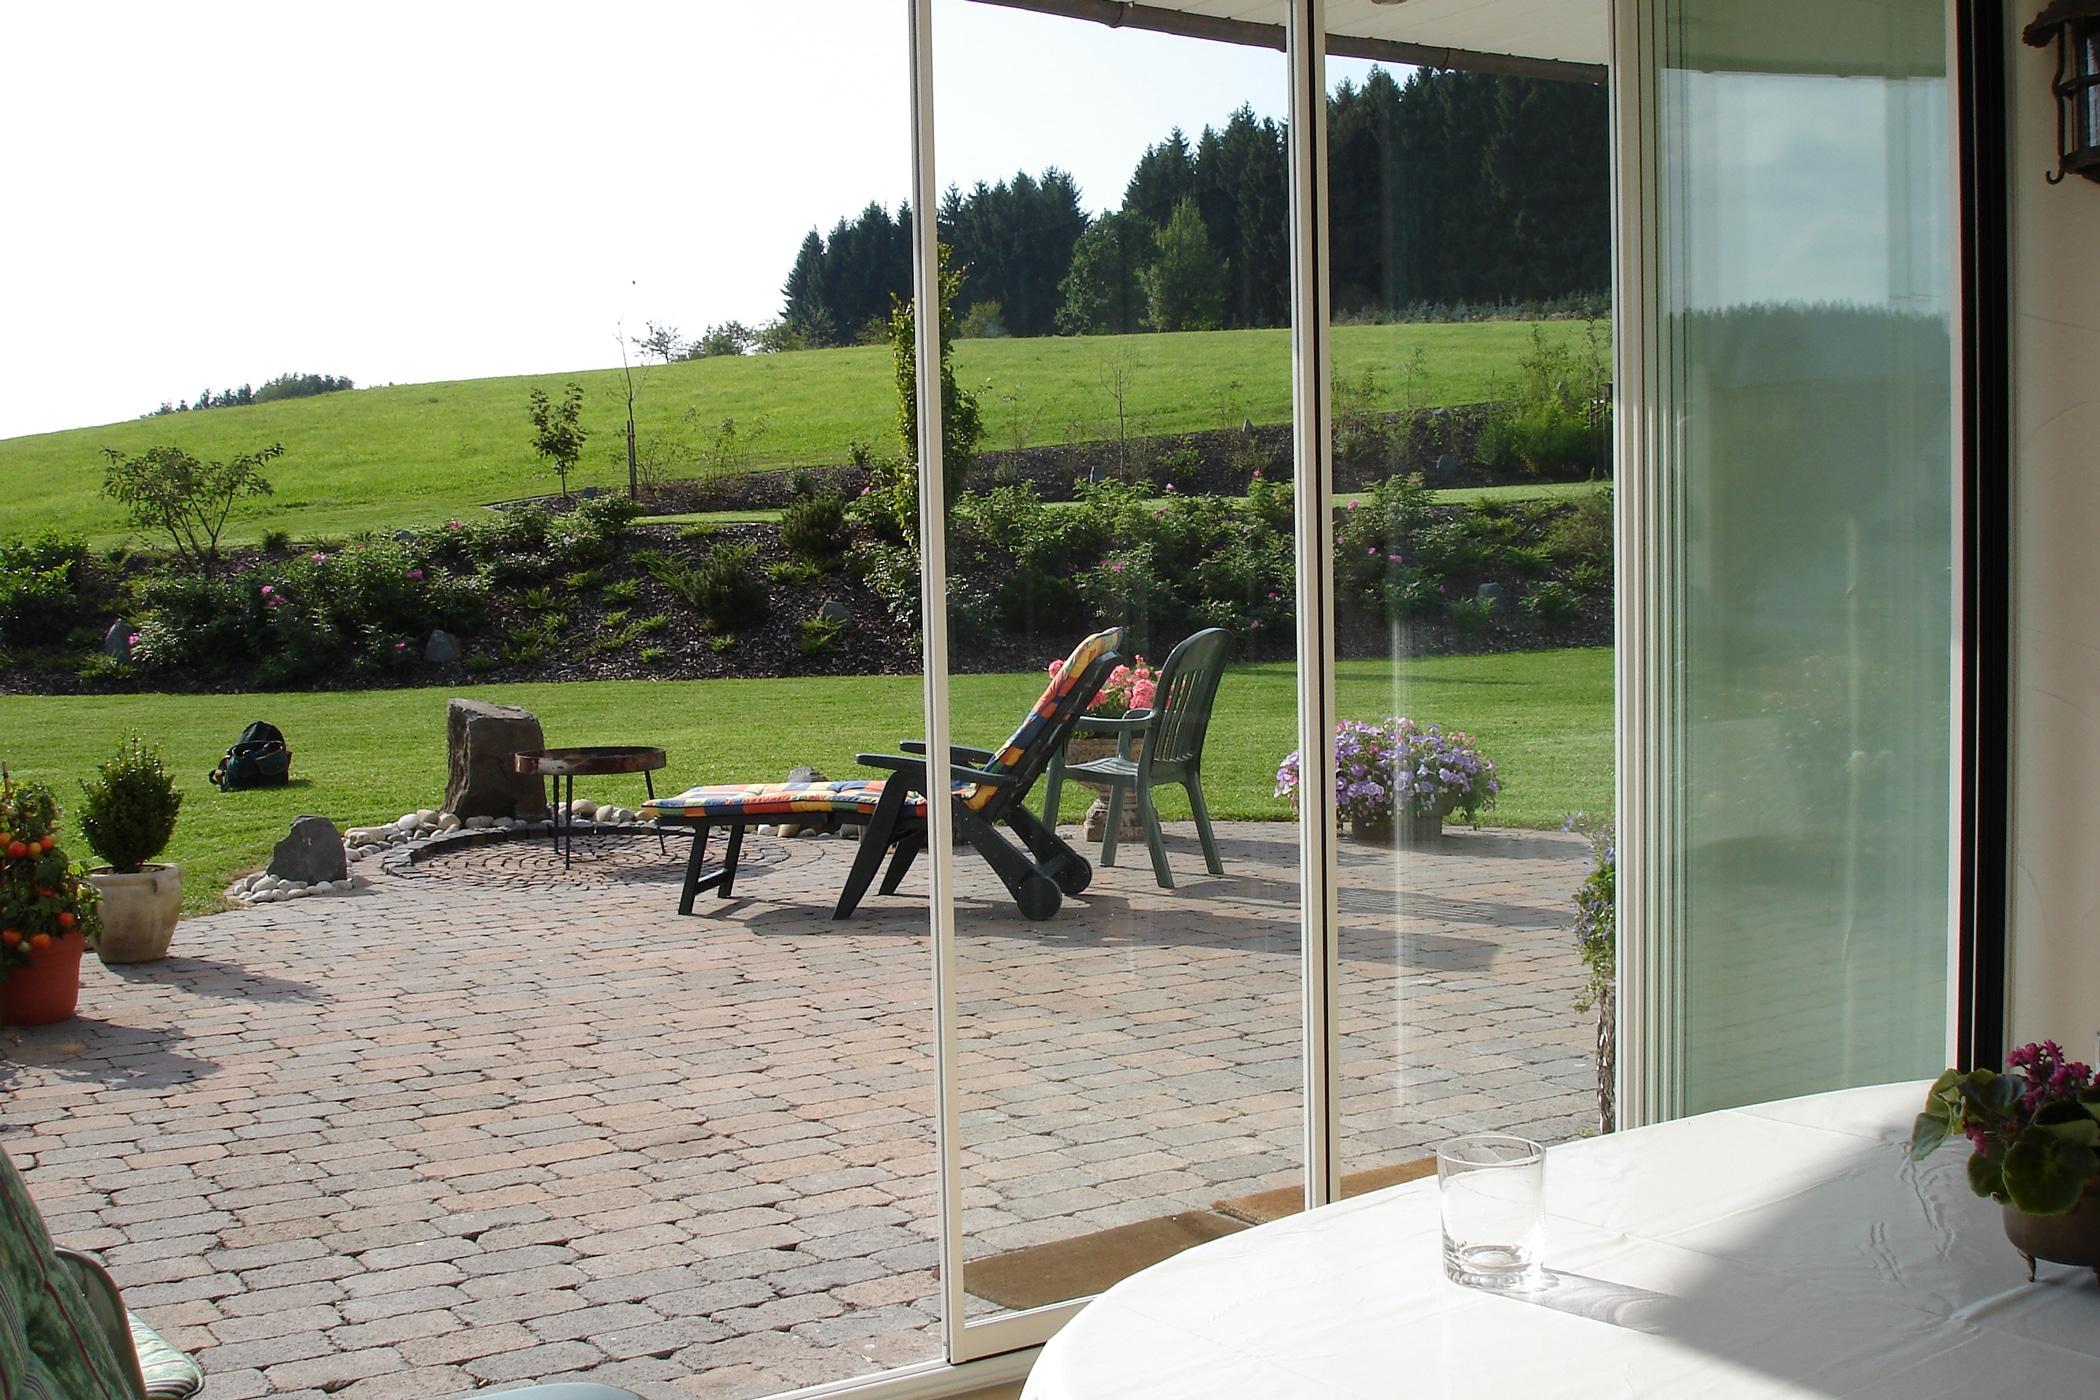 Windgeschützter Bereich auf der Terrasse mit Schiebe-Dreh-Türen